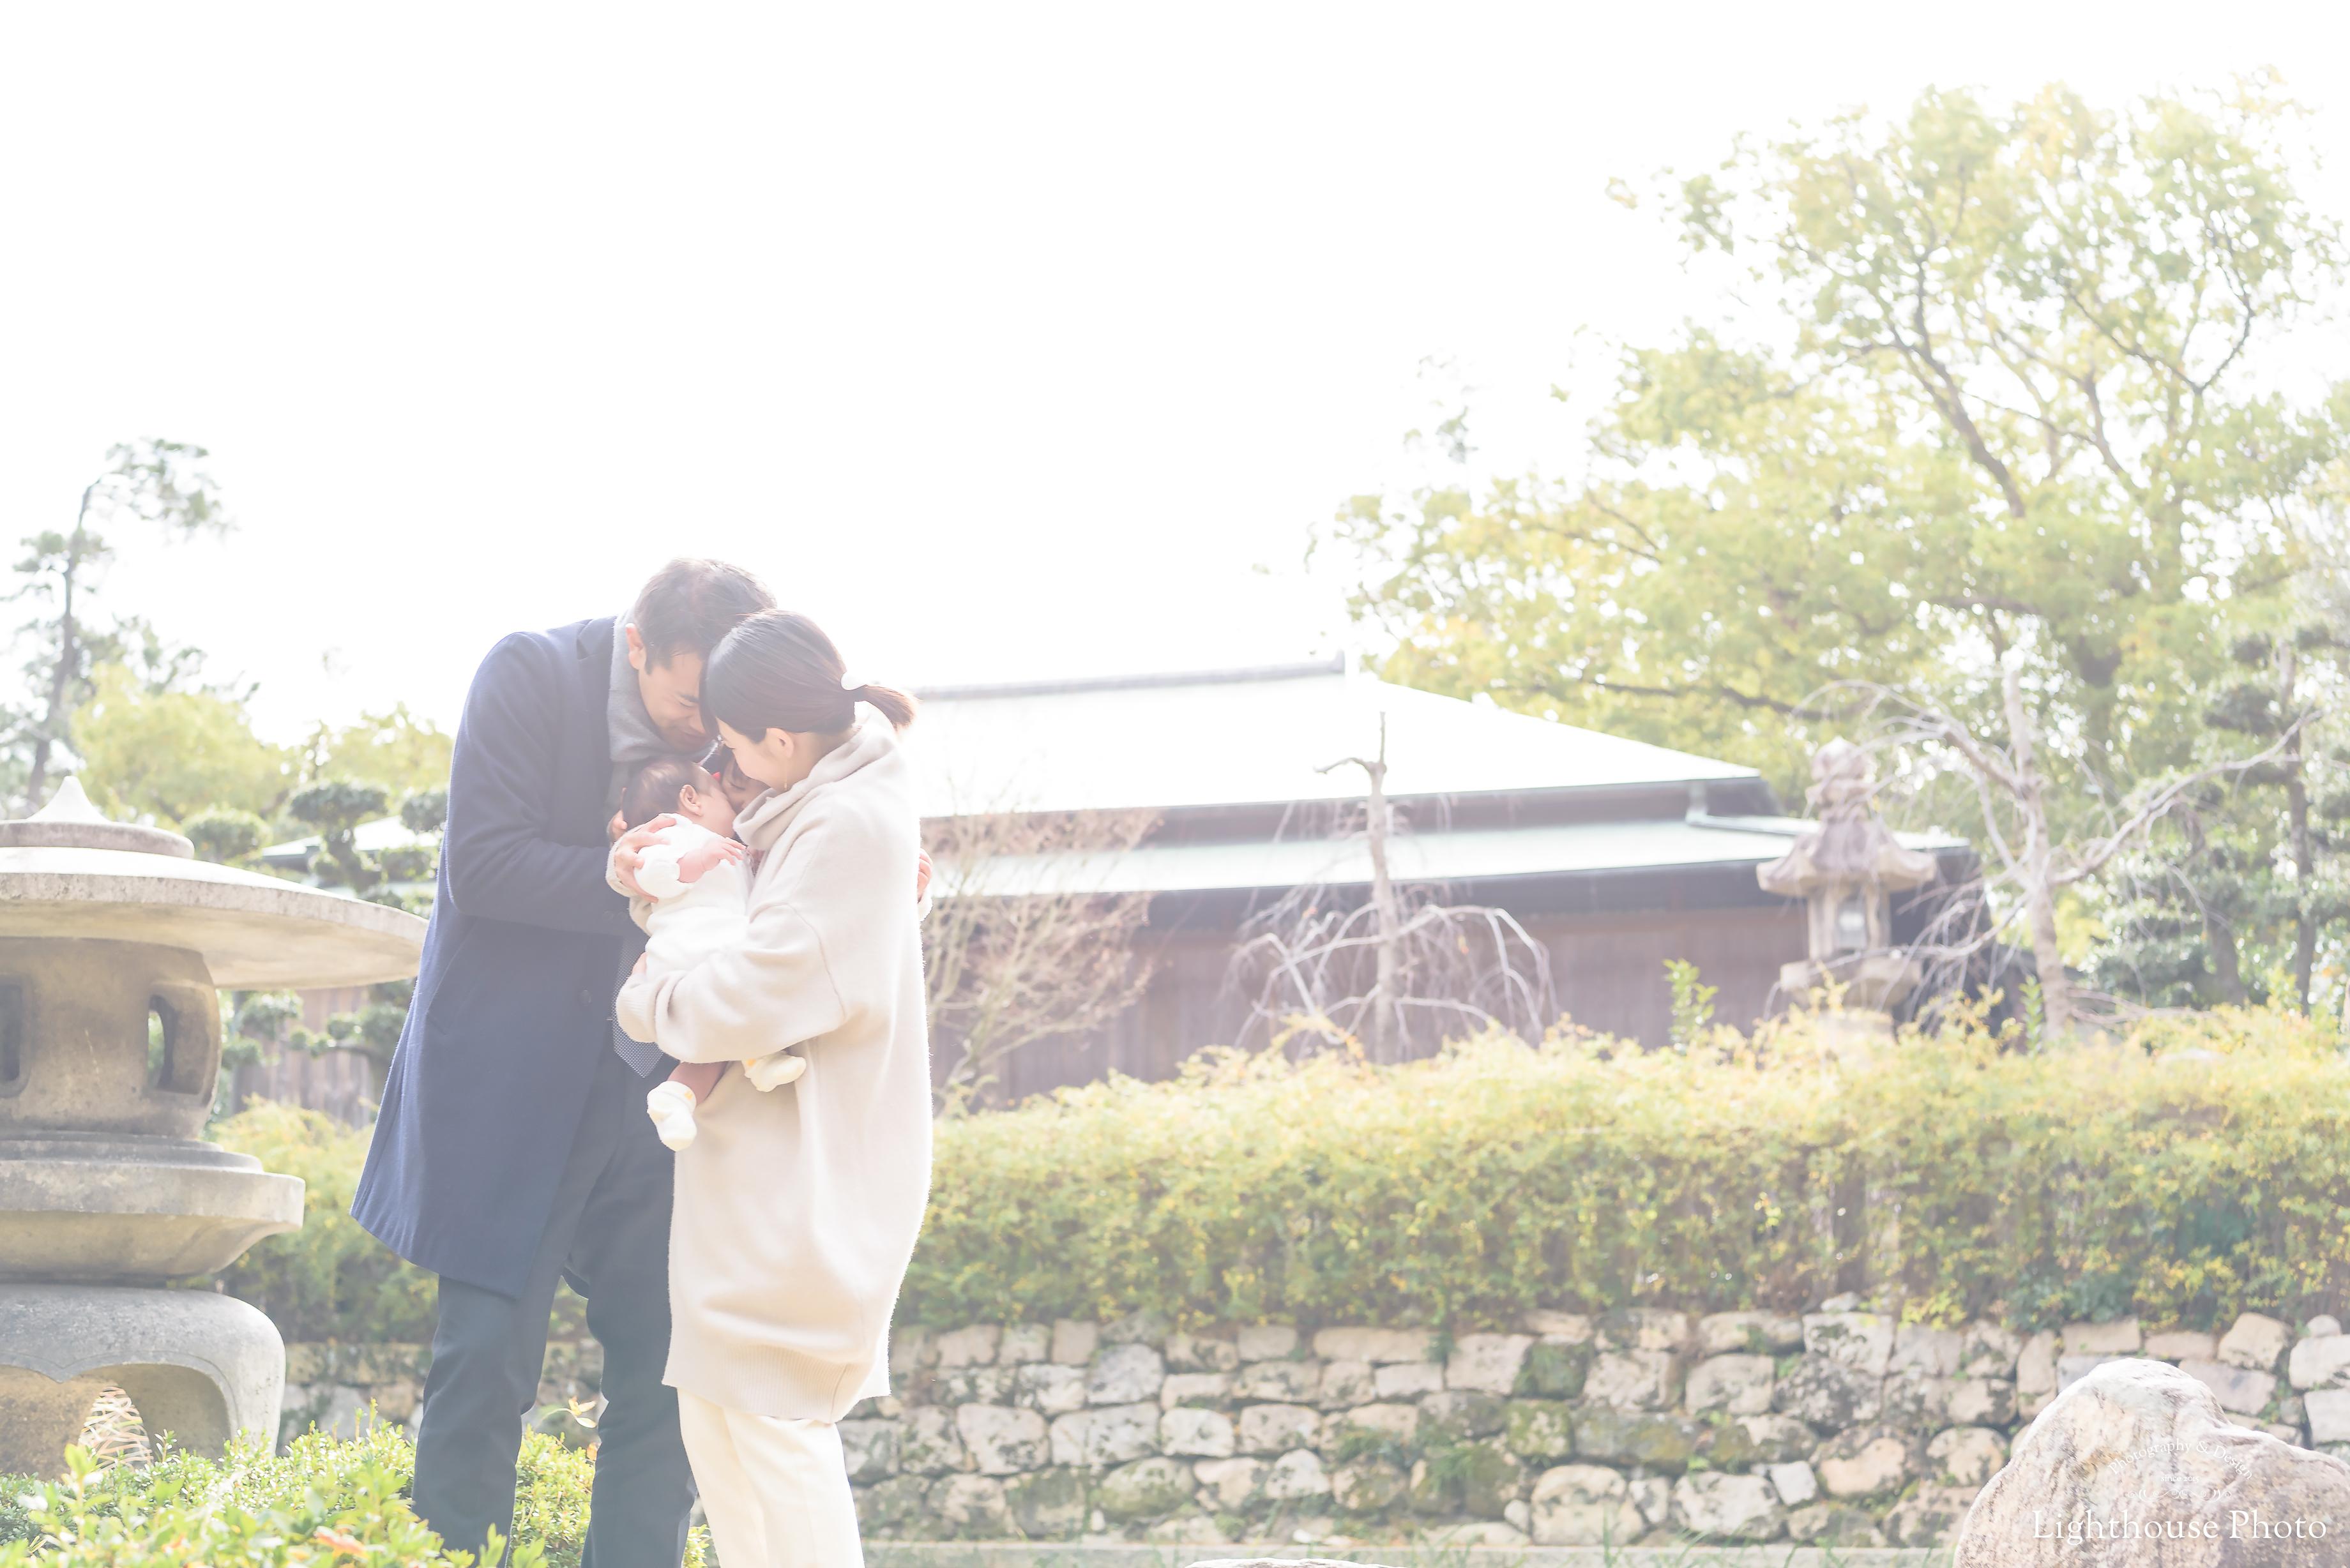 春までもうすぐ。お宮参りロケーション撮影について詳しくご紹介@西宮神社